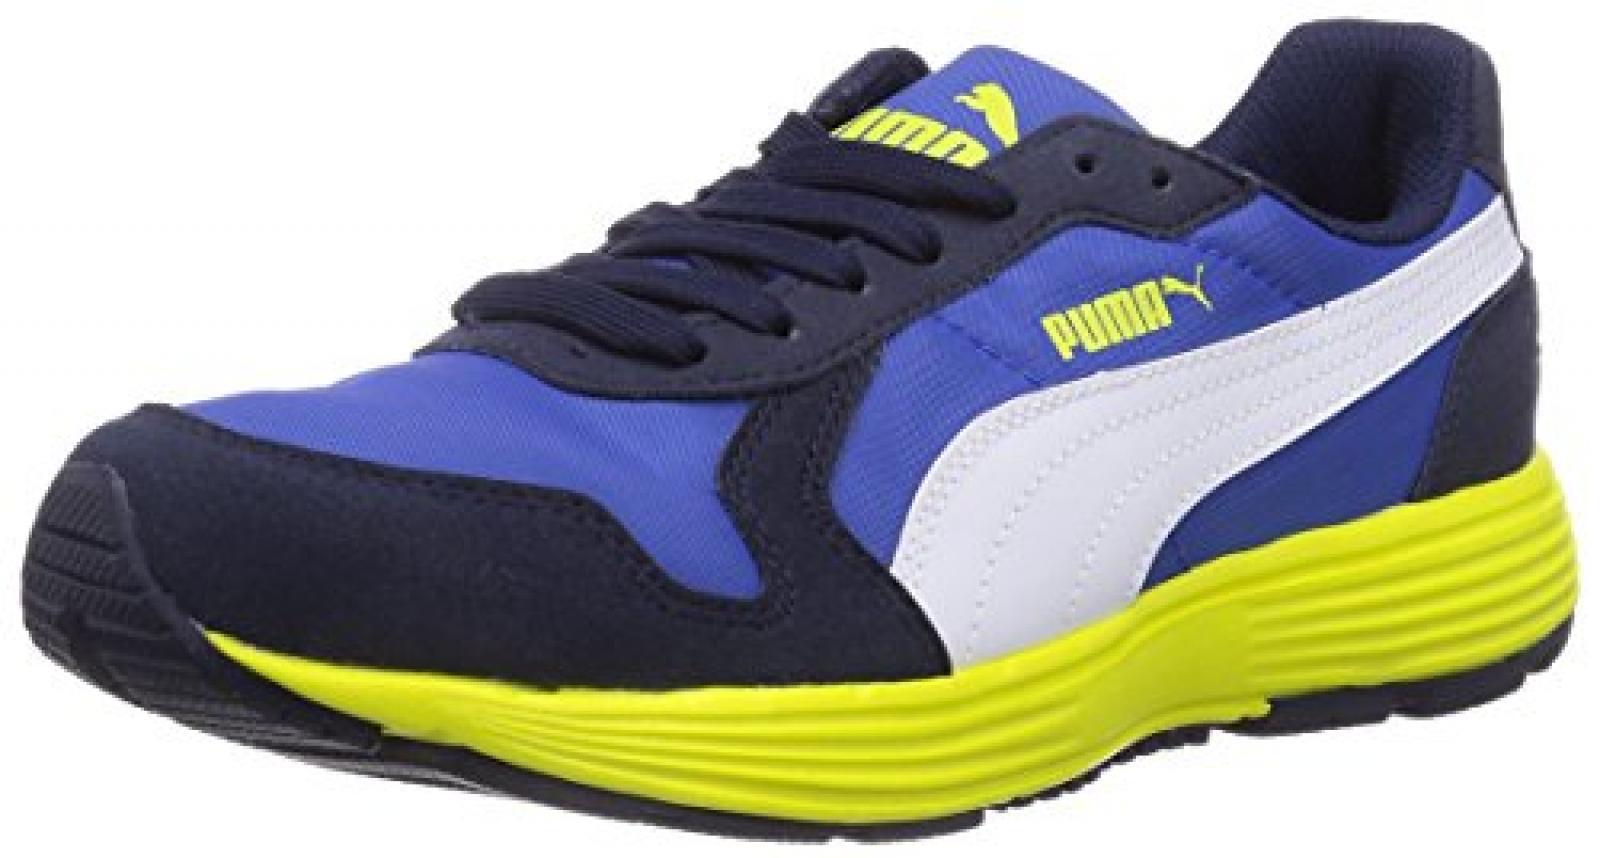 Puma FTR ST Runner NL Unisex-Erwachsene Sneakers